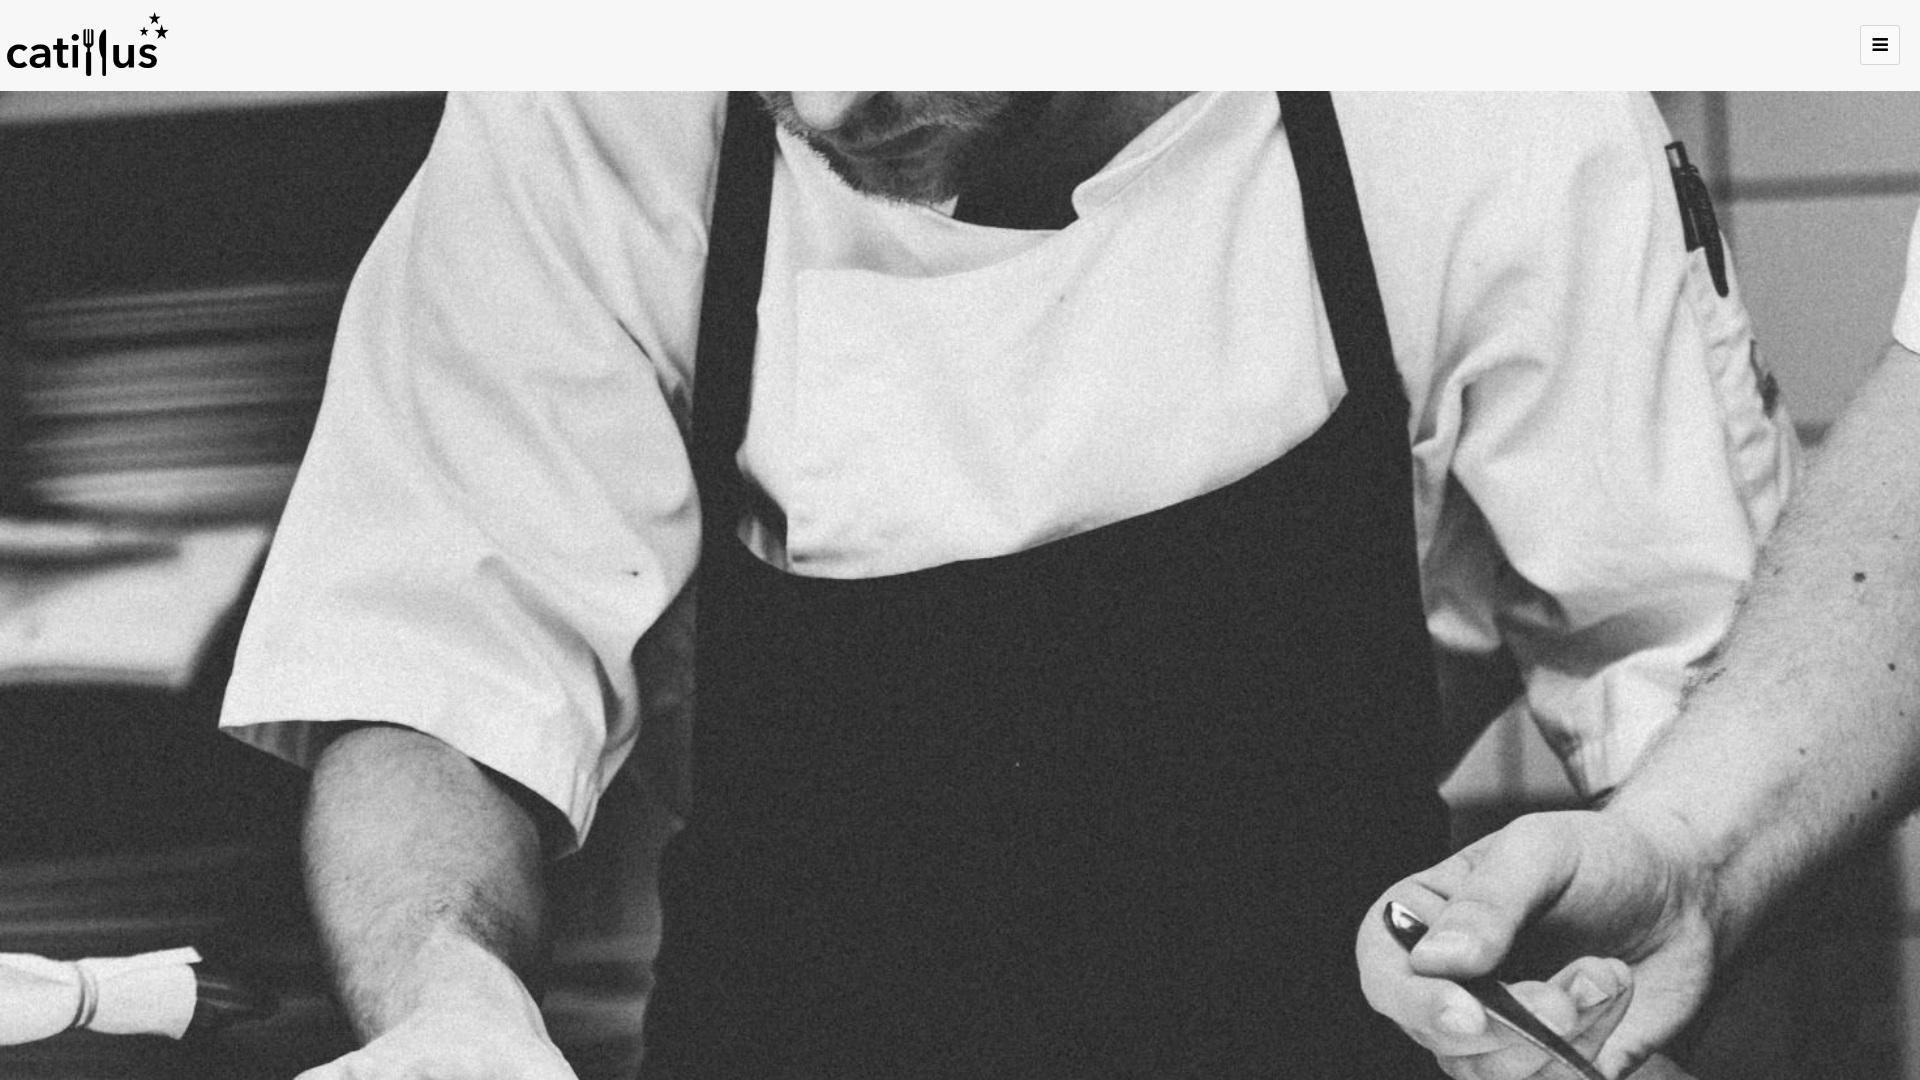 Gutschein für Lohse-kost: Rabatte für  Lohse-kost sichern